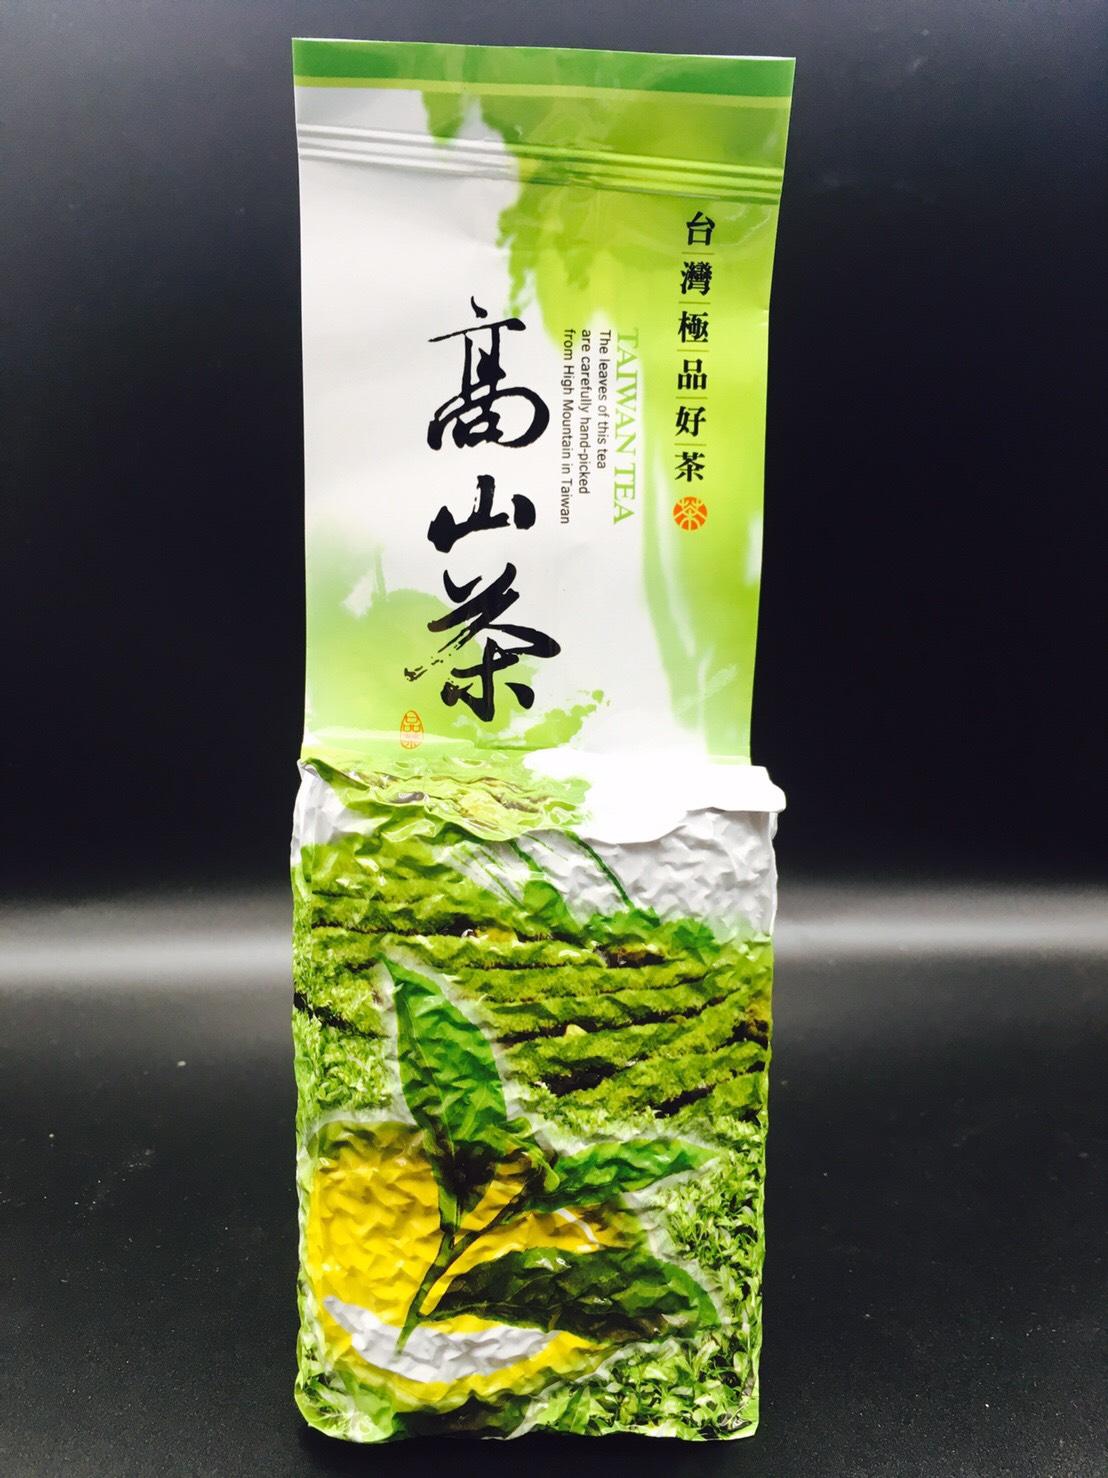 ❤含發票❤支持台灣小農❤南投高山茶 300克❤茶農 阿里山 高山茶 綠茶 烏龍茶 鼎茗茶葉